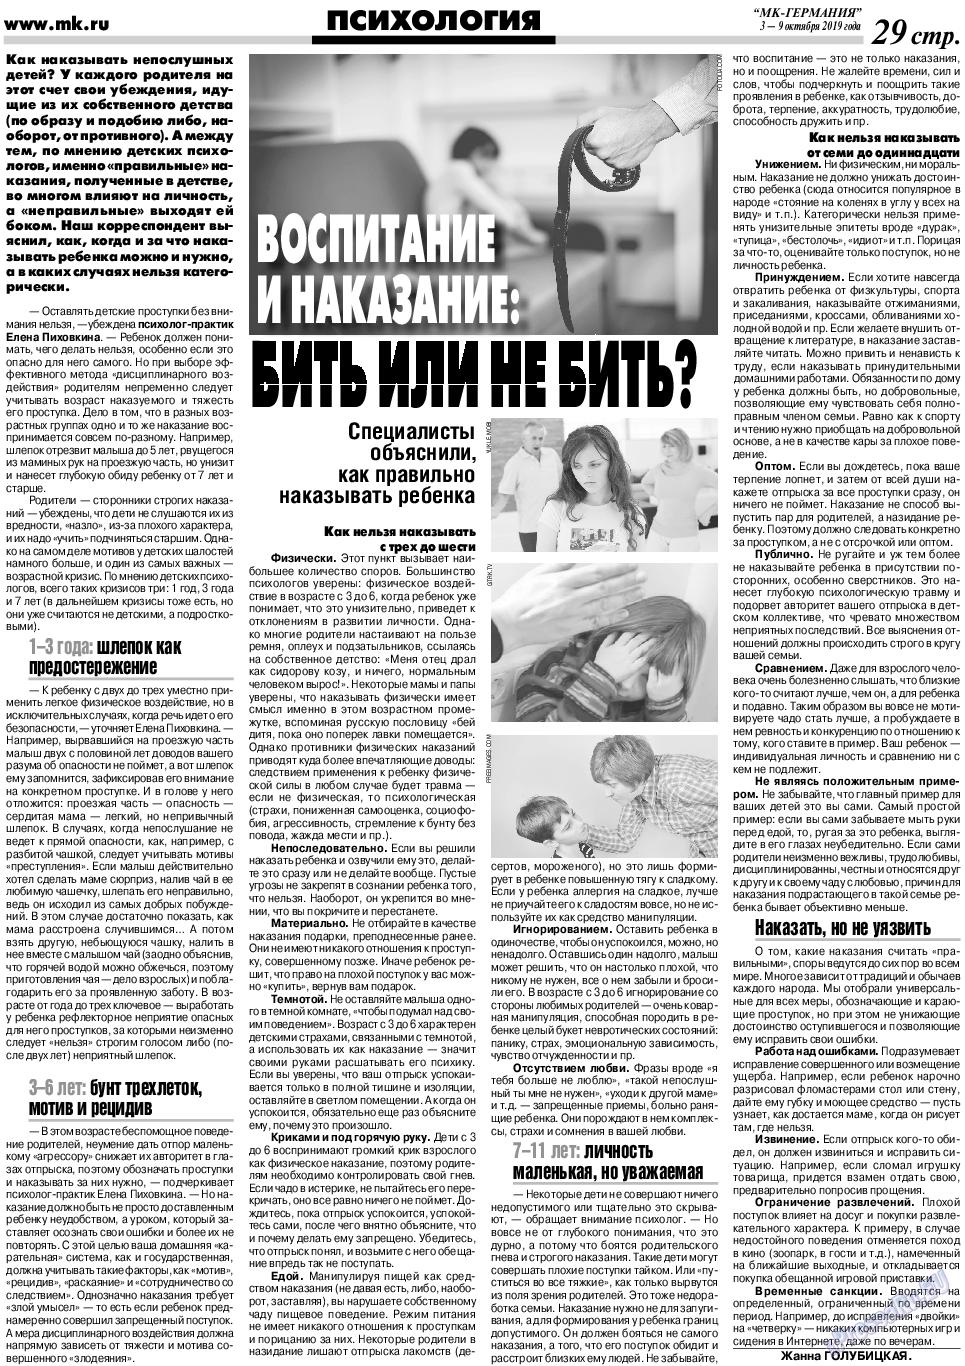 МК-Германия (газета). 2019 год, номер 41, стр. 29